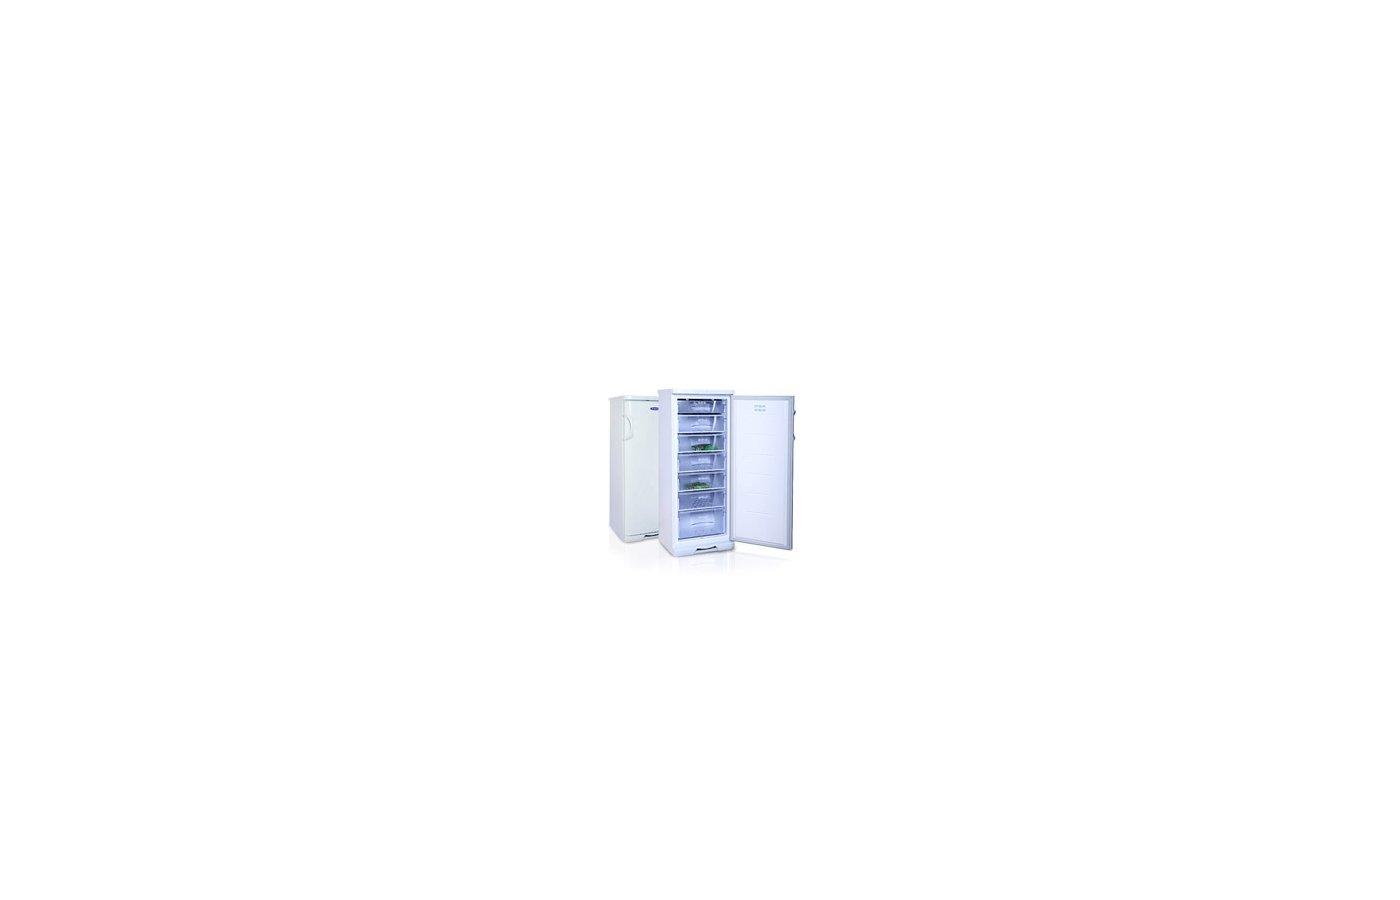 Морозильная камера вертикальная БИРЮСА 146 LE